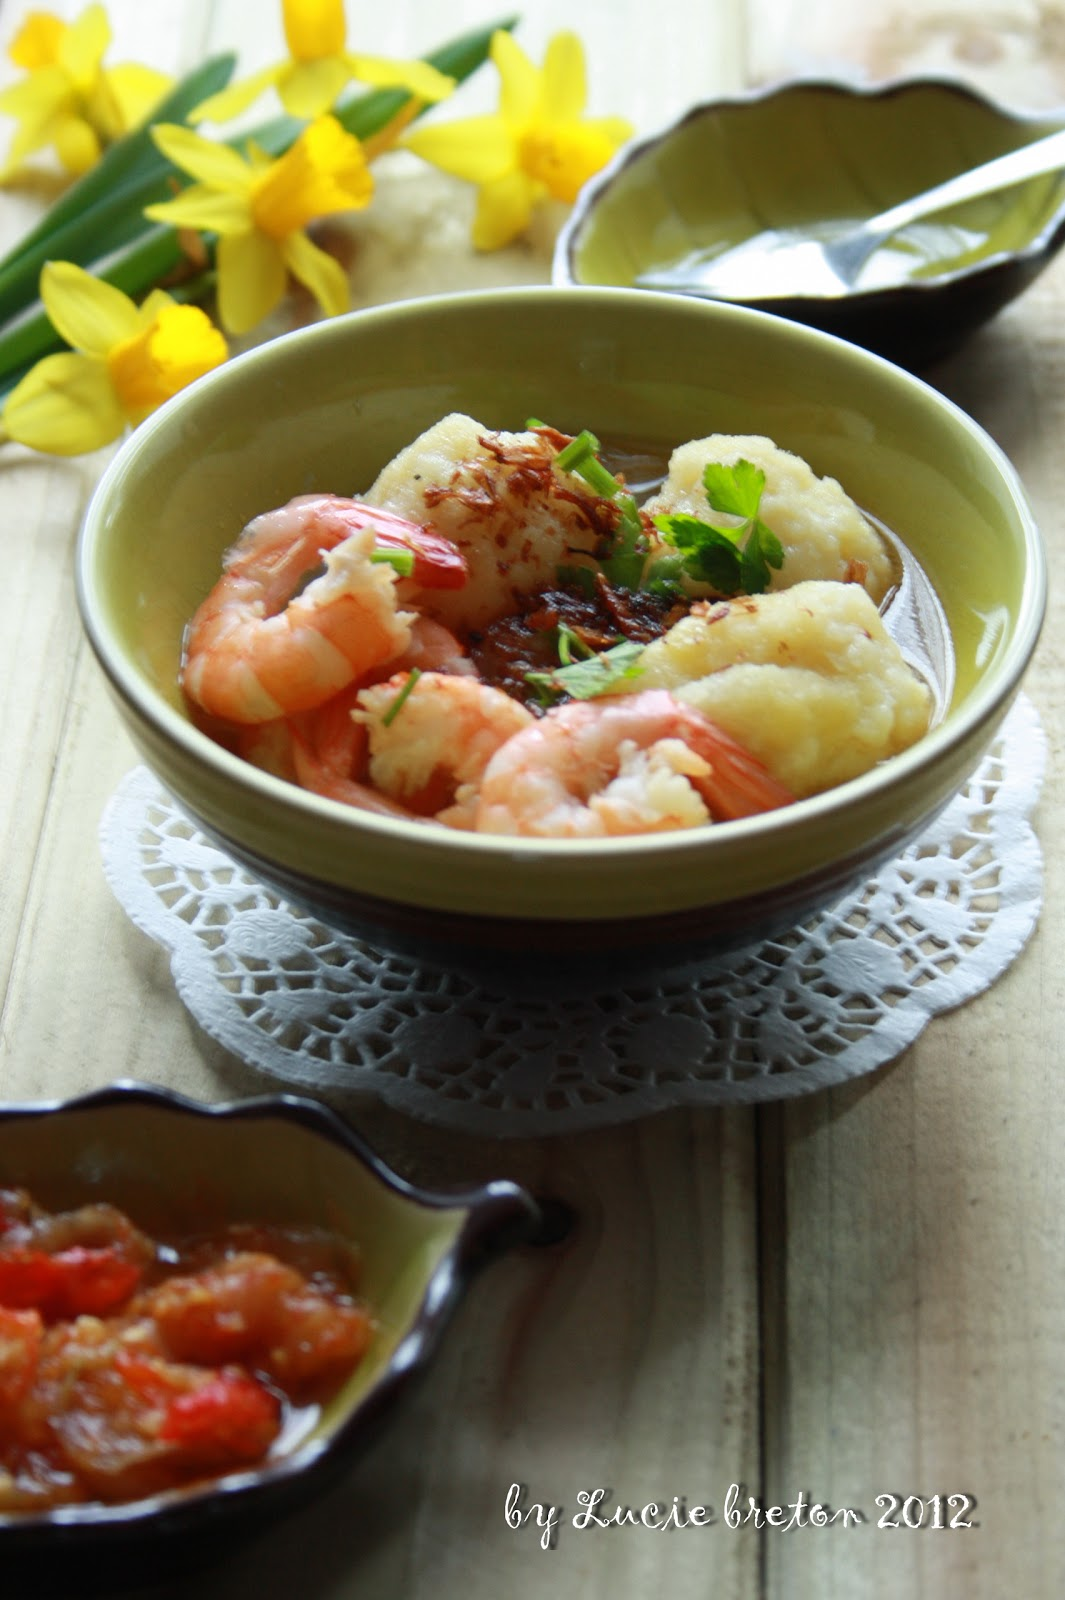 Allez cuisine luciebreton for Allez cuisine indosiar